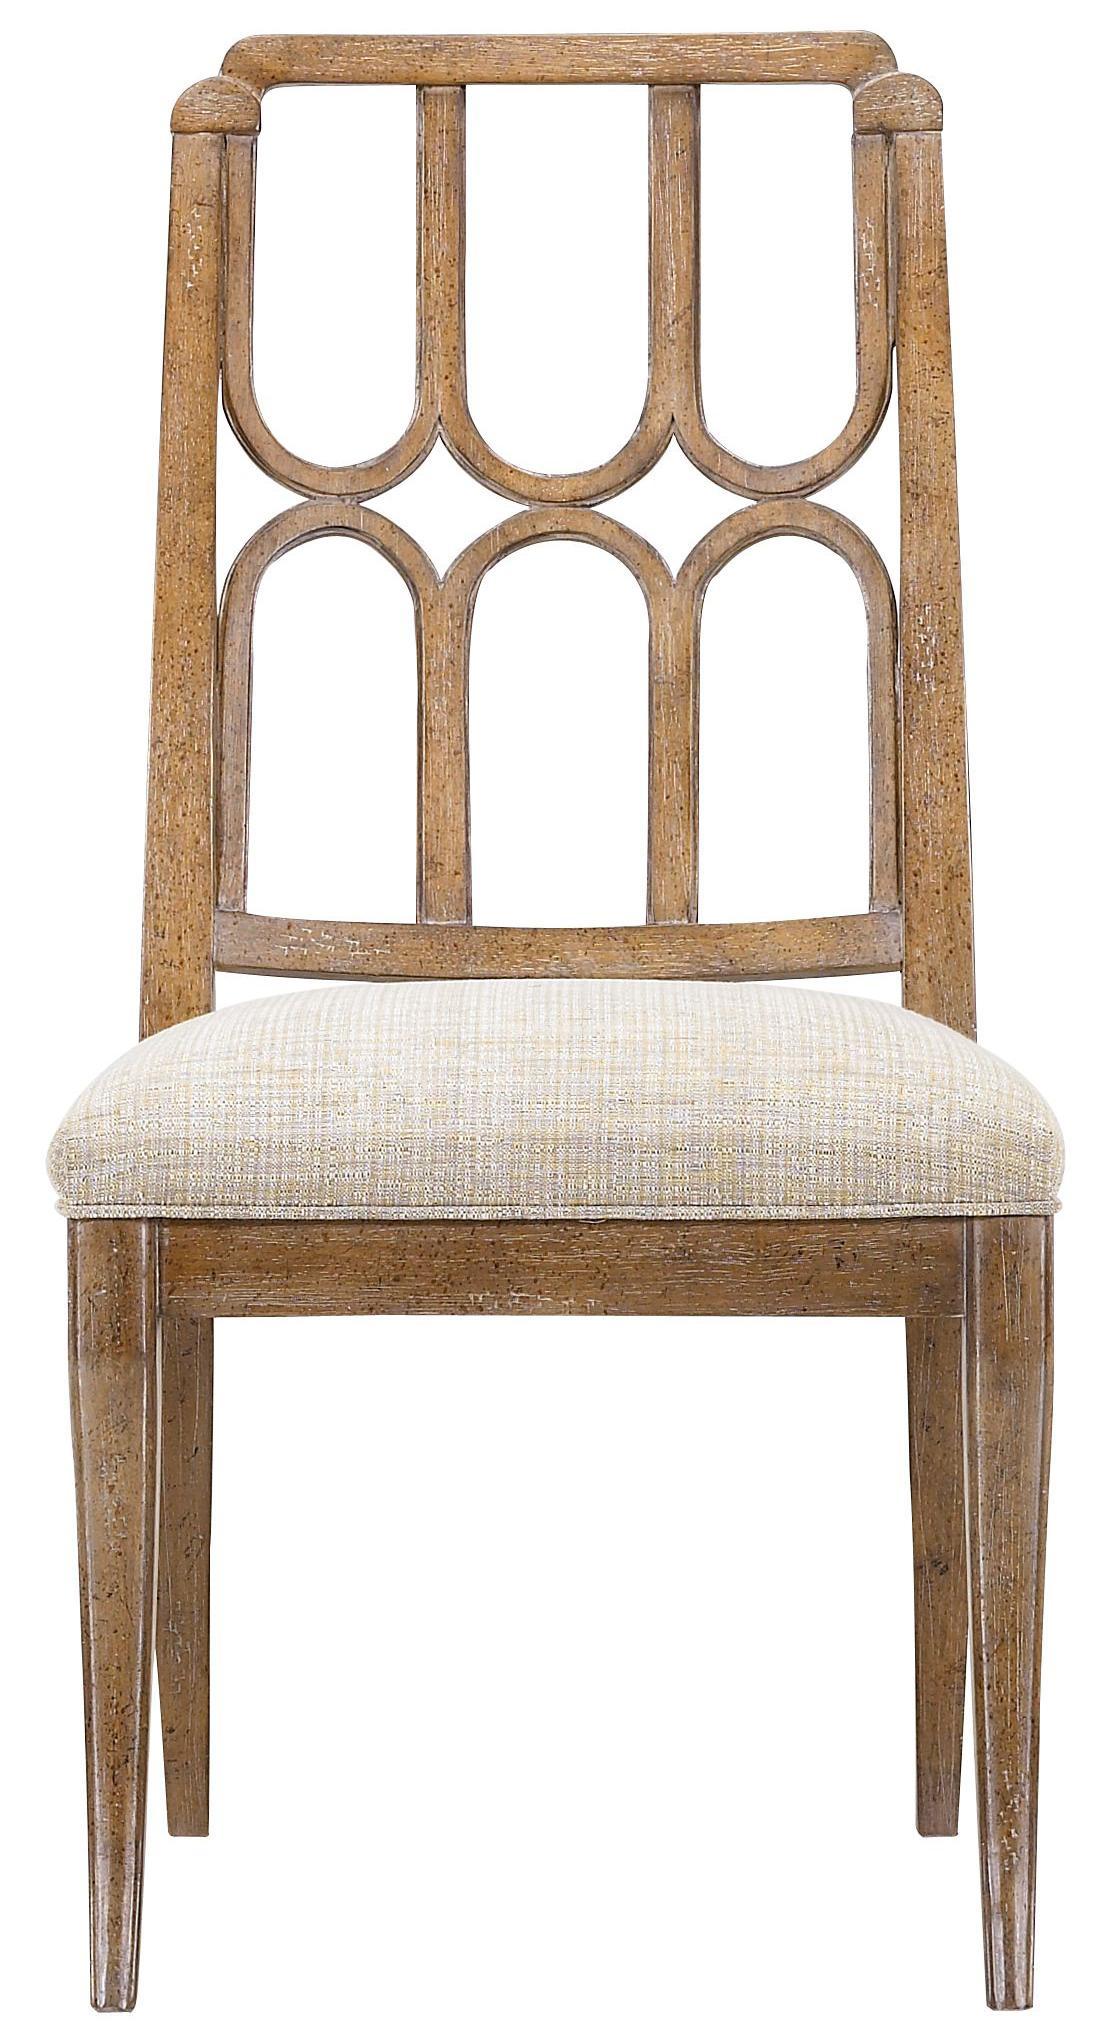 Stanley Furniture Archipelago Port Royal Side Chair - Item Number: 186-61-60